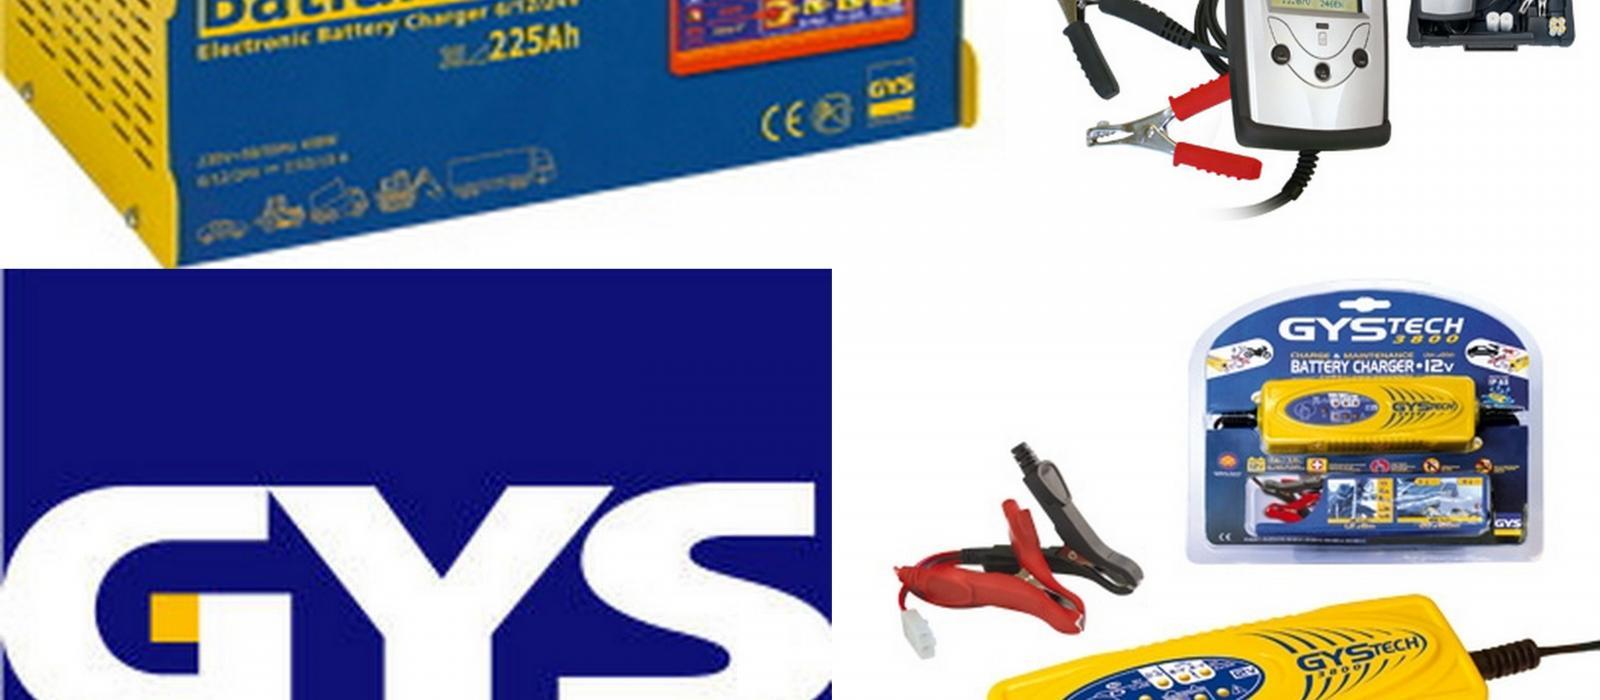 Distributeur de la marque GYS